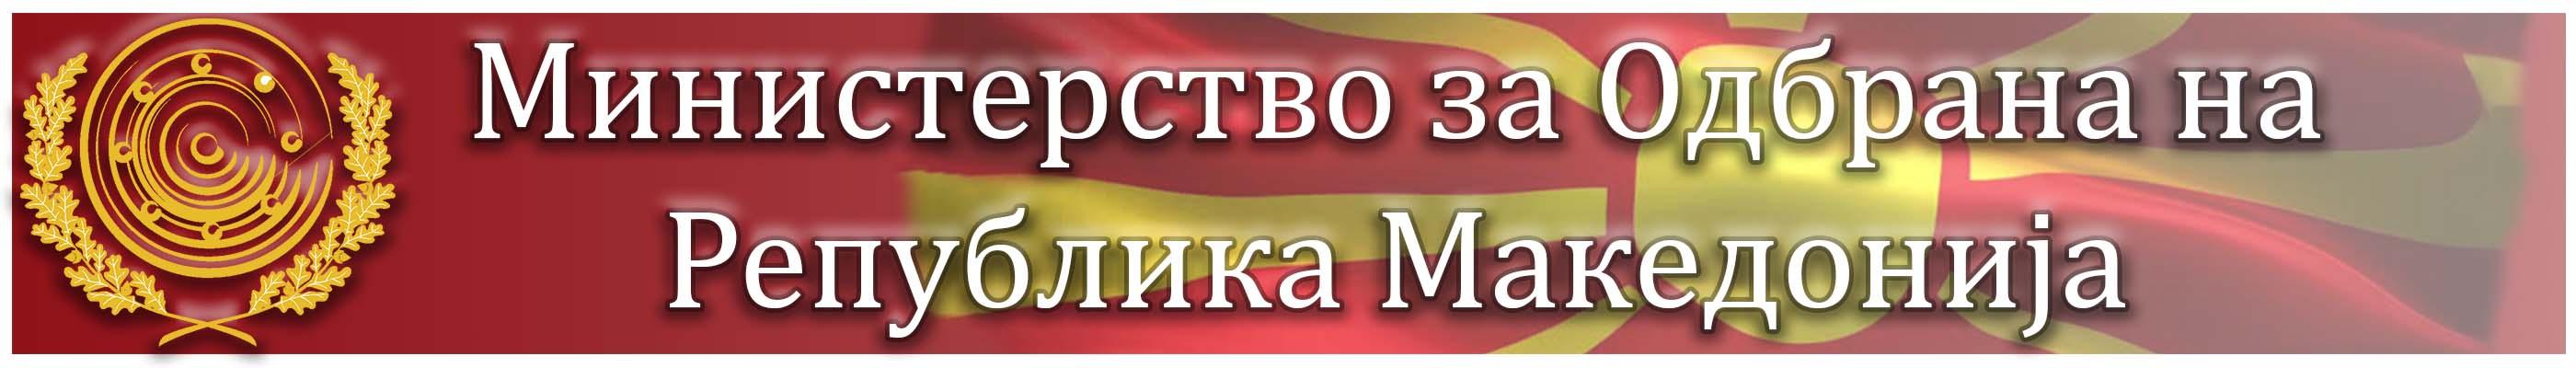 Министерство за Одбрана на Република Македонија